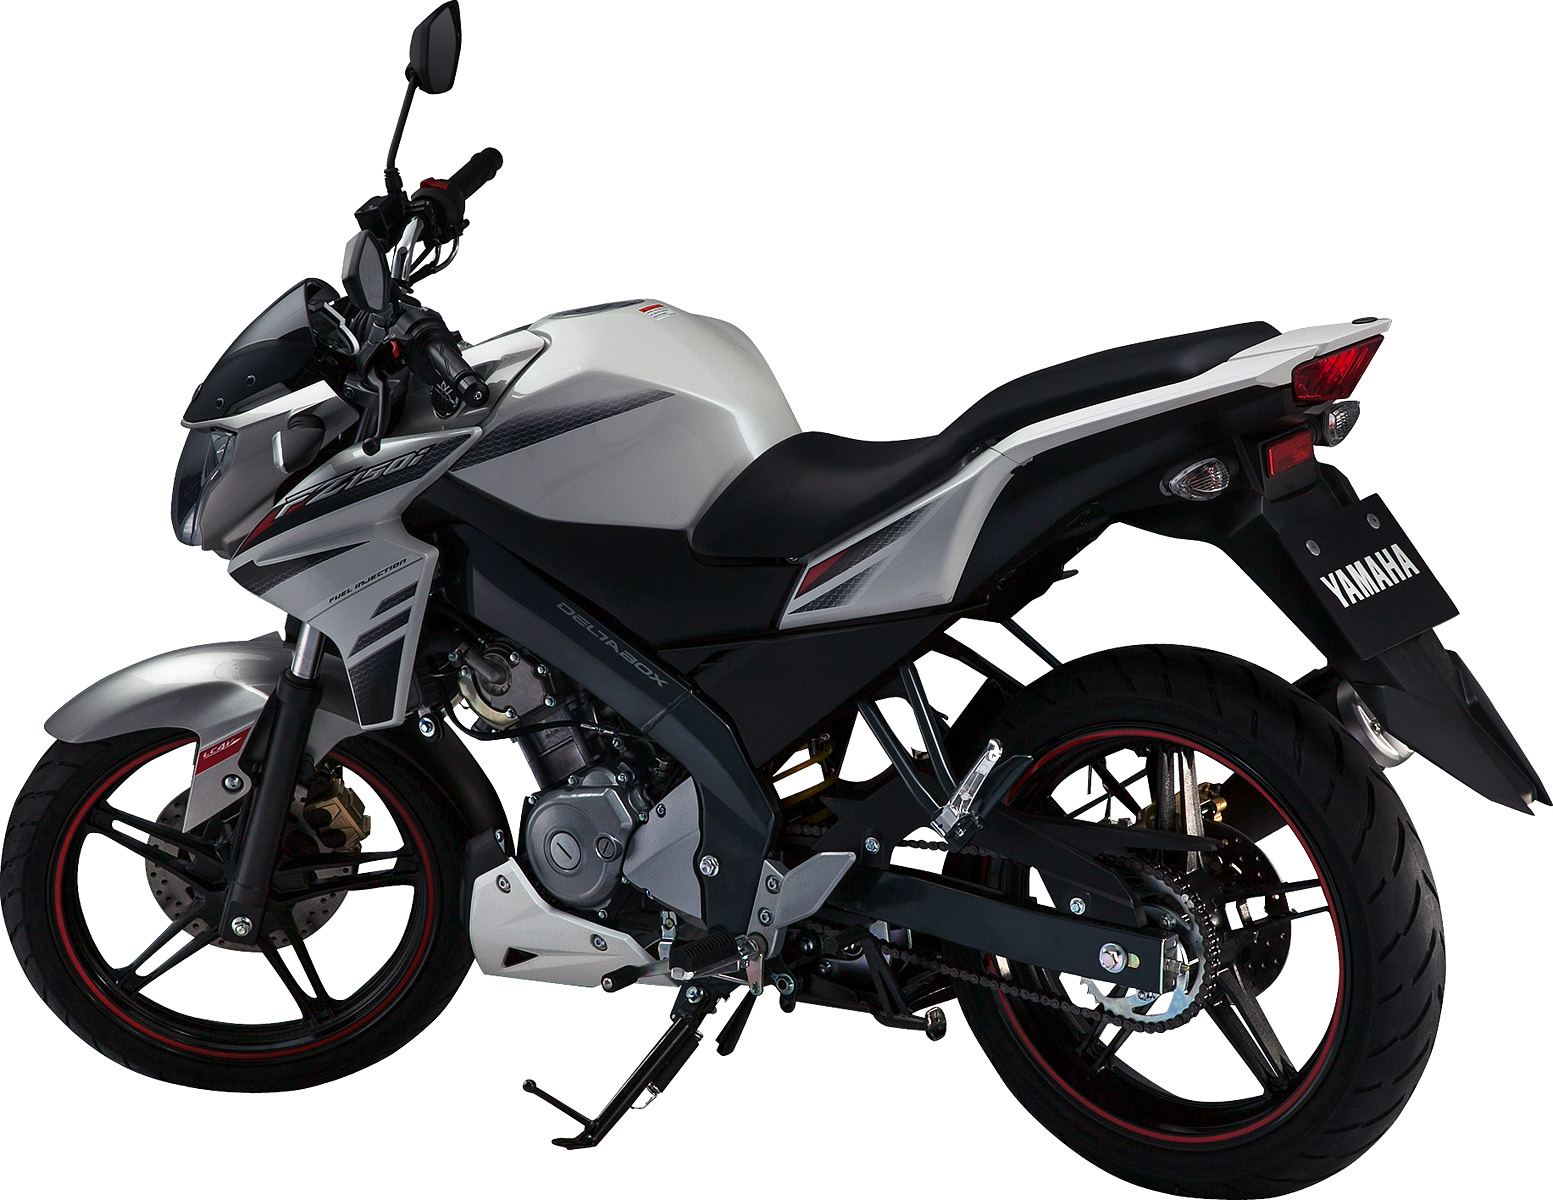 Yamaha FZ150i Motorcycle Specification